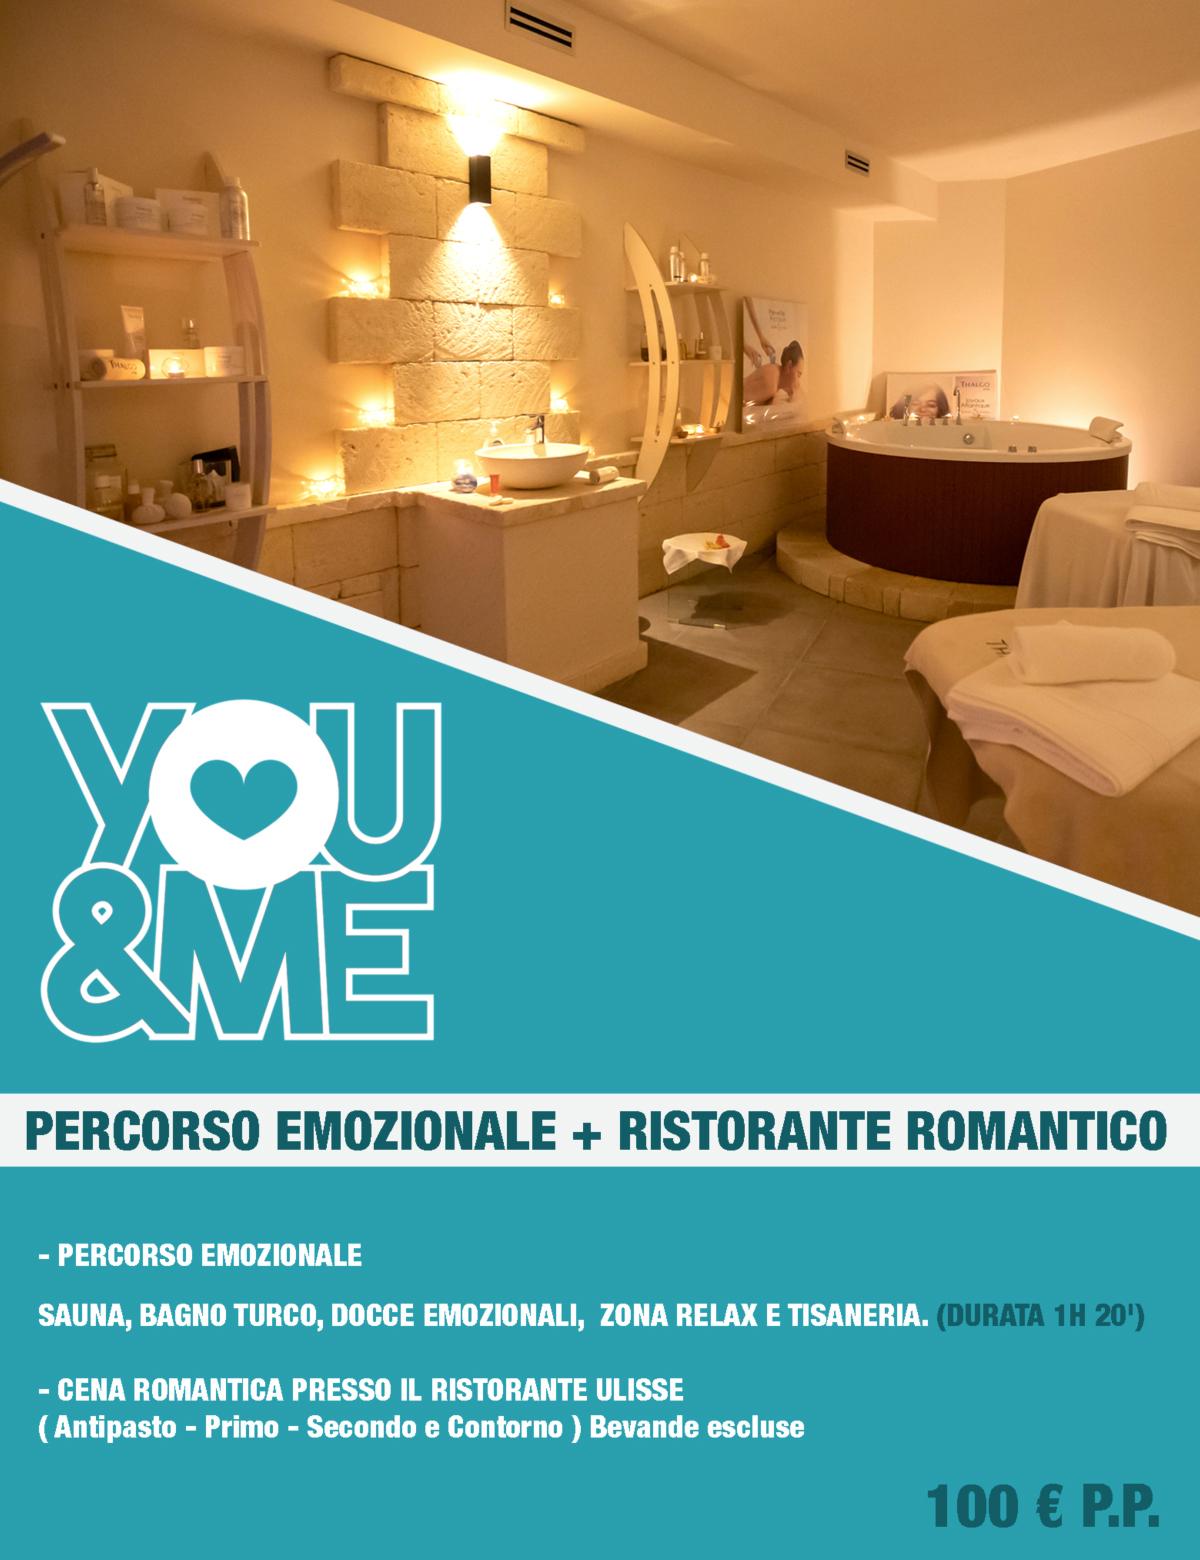 Percorso Emozionale+Ristorante Romantico